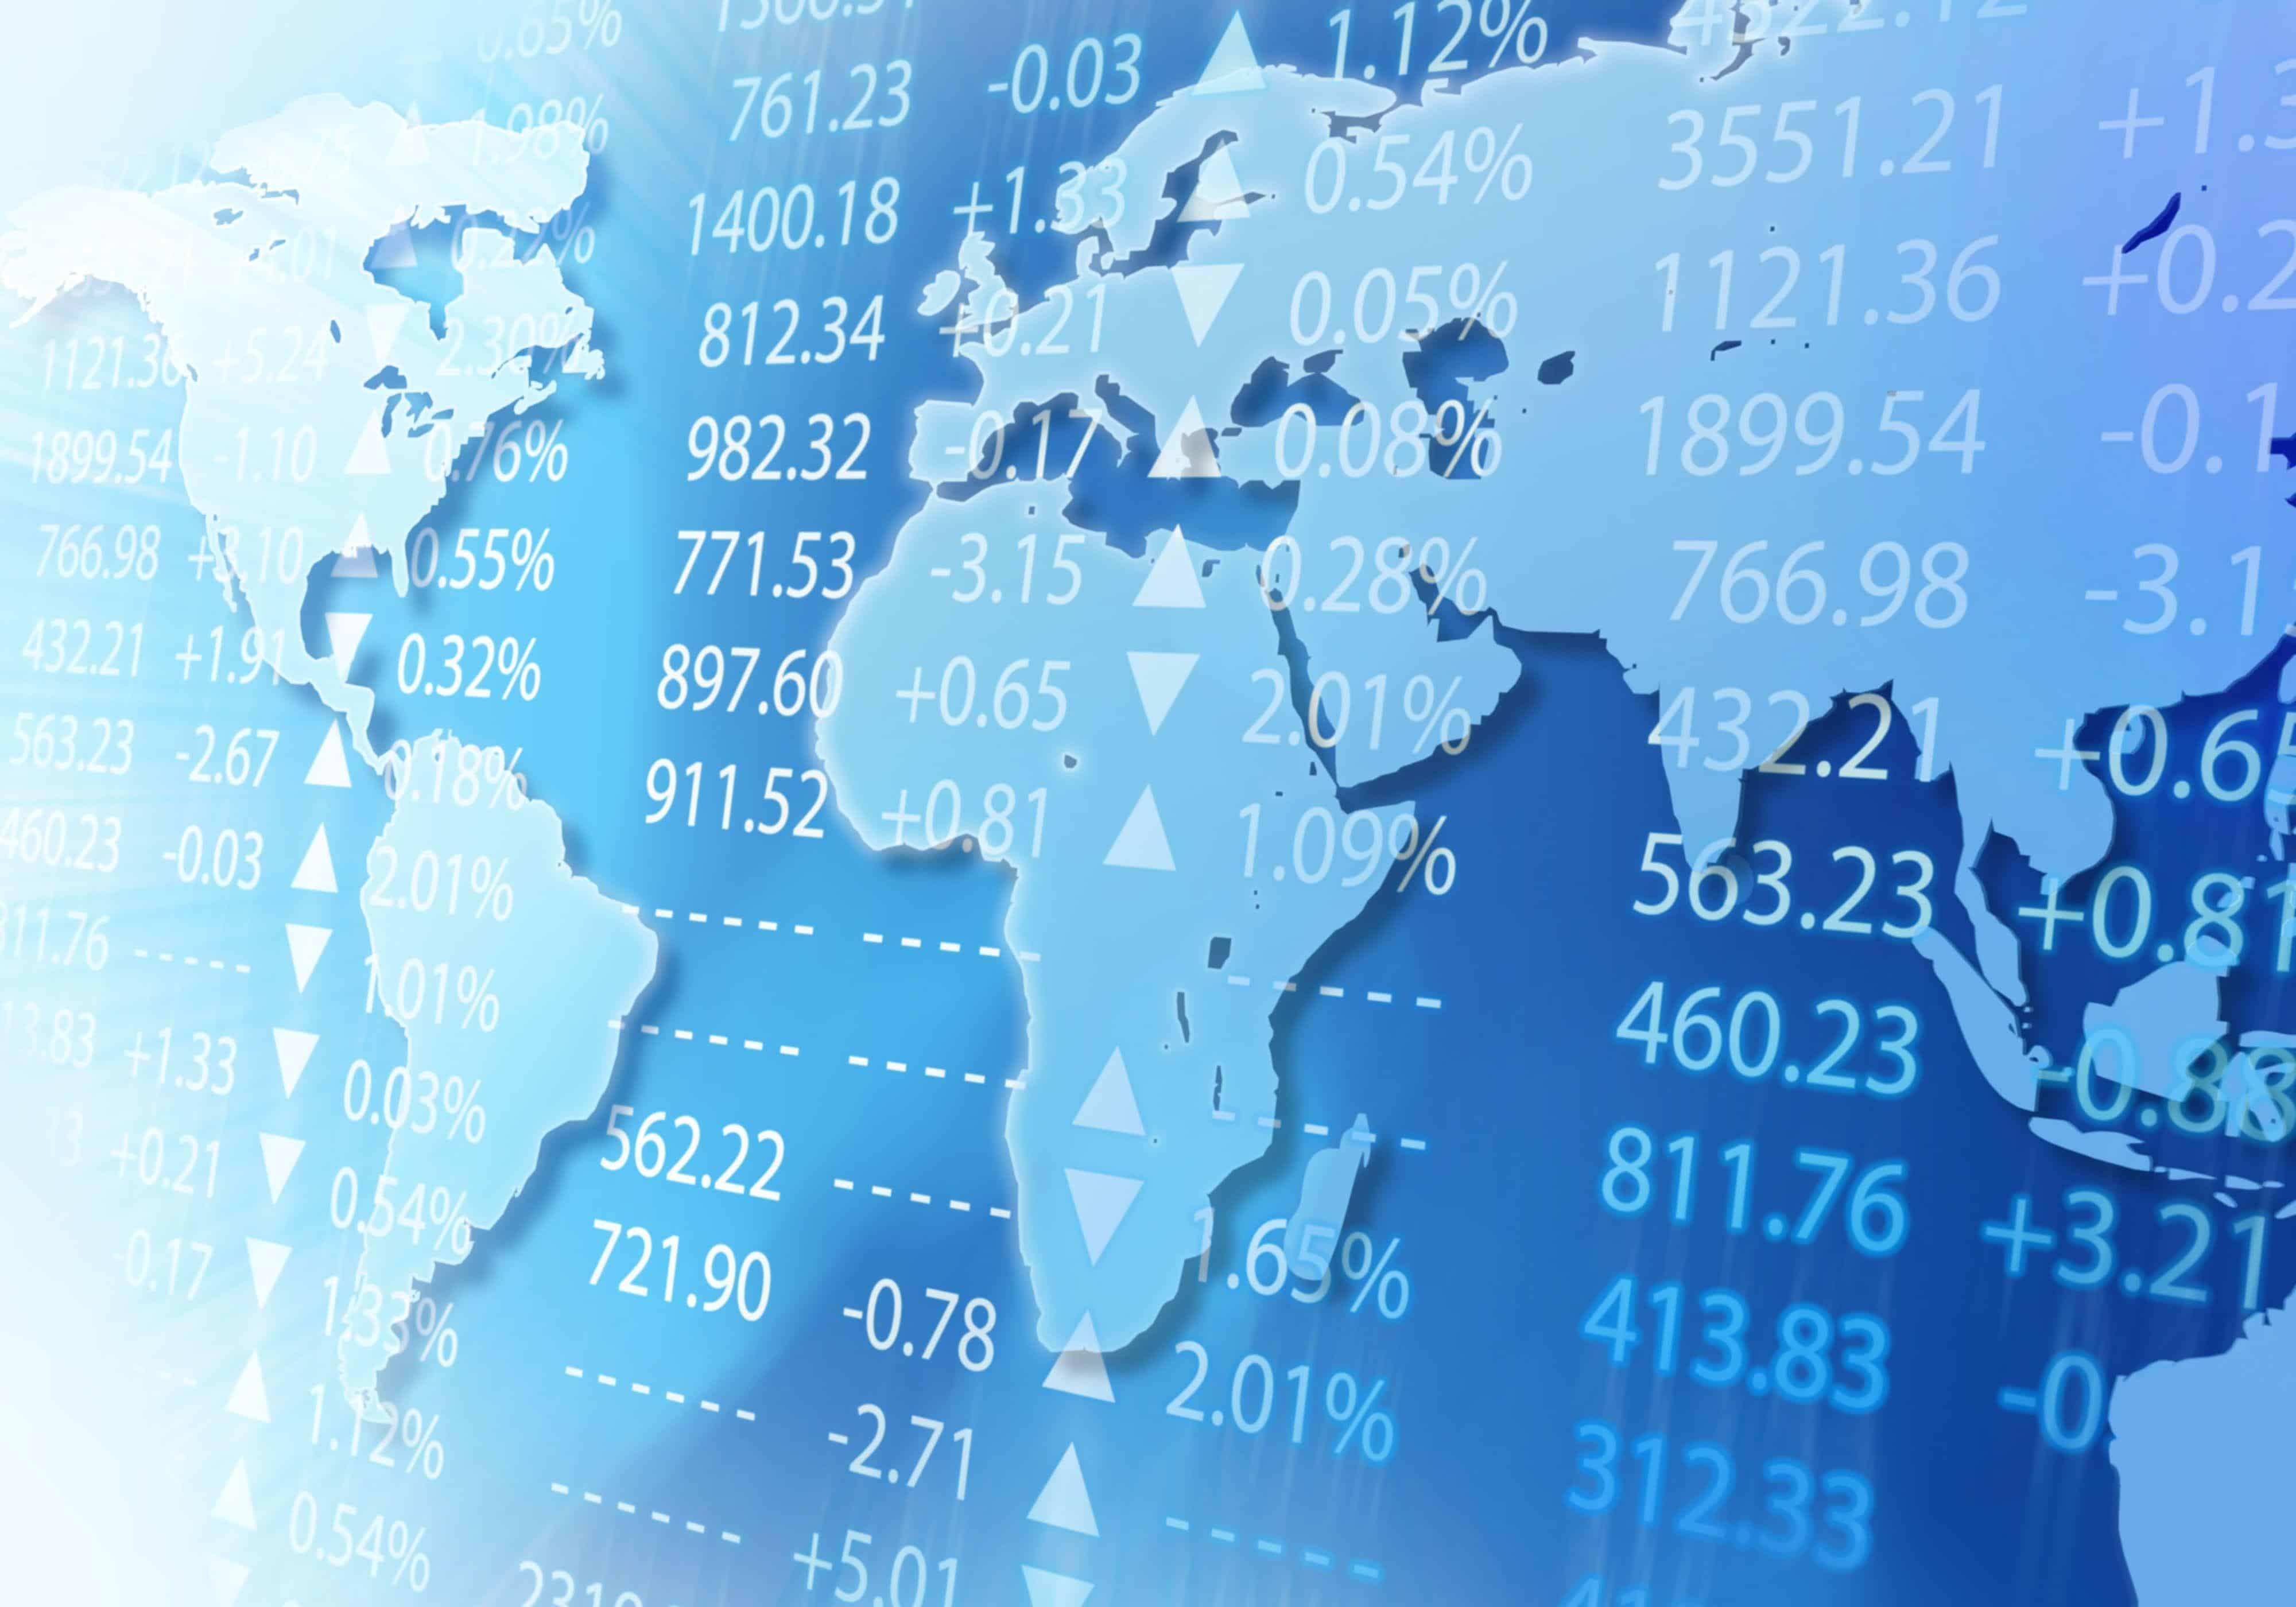 Säljkurs, vad är det – förklaring och definition av säljkurs